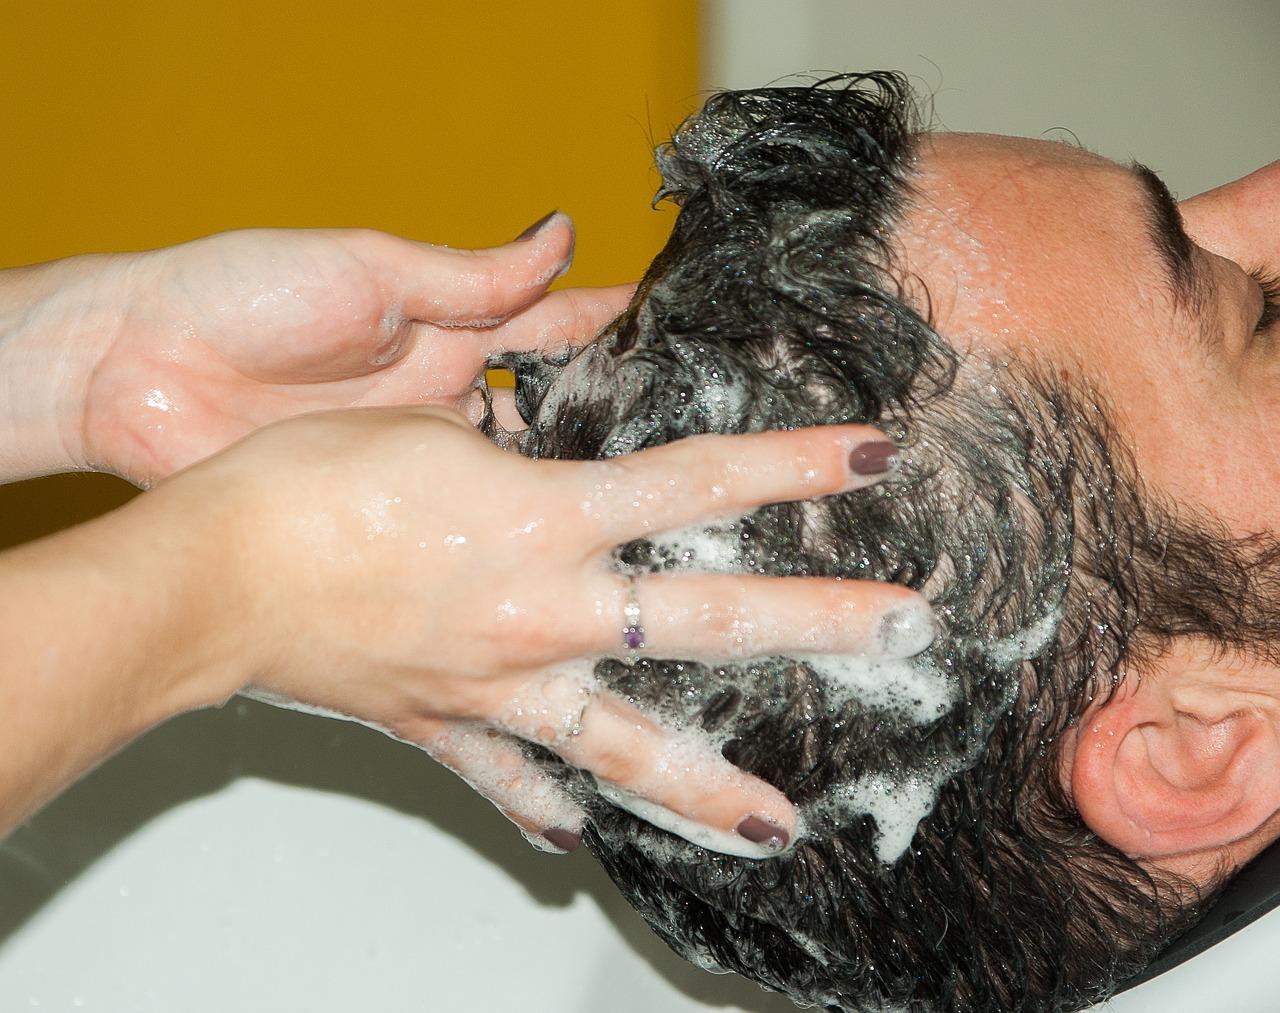 pikkelysömör fotó a fej kezelse pikkelysmr a fenek kztt hogyan kell kezelni